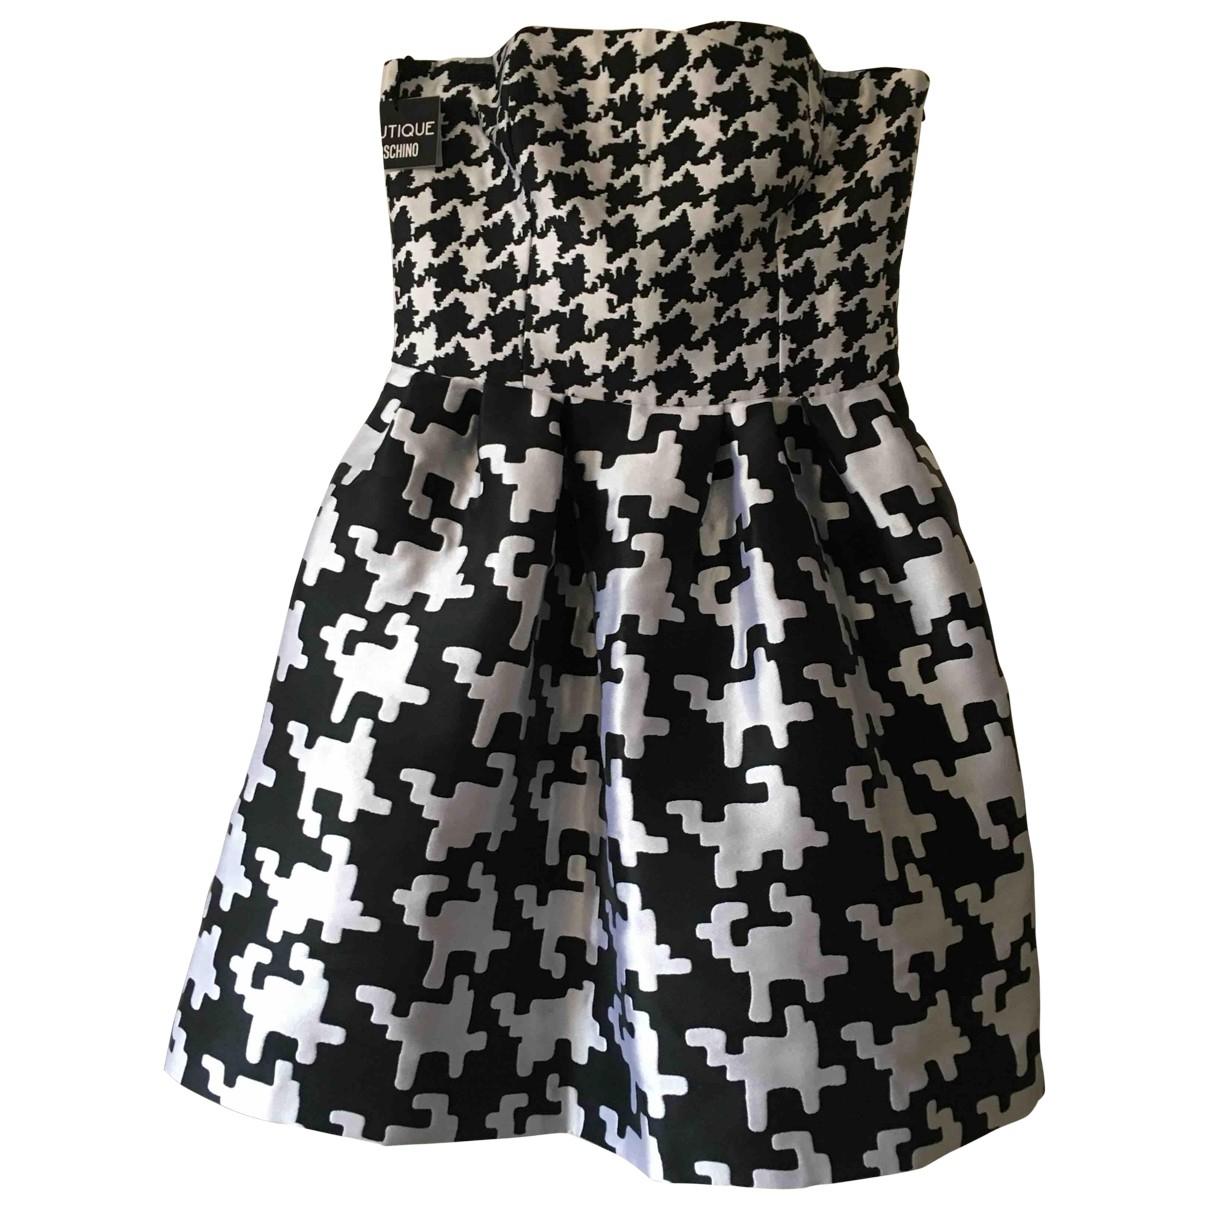 Moschino \N Kleid in  Schwarz Polyester